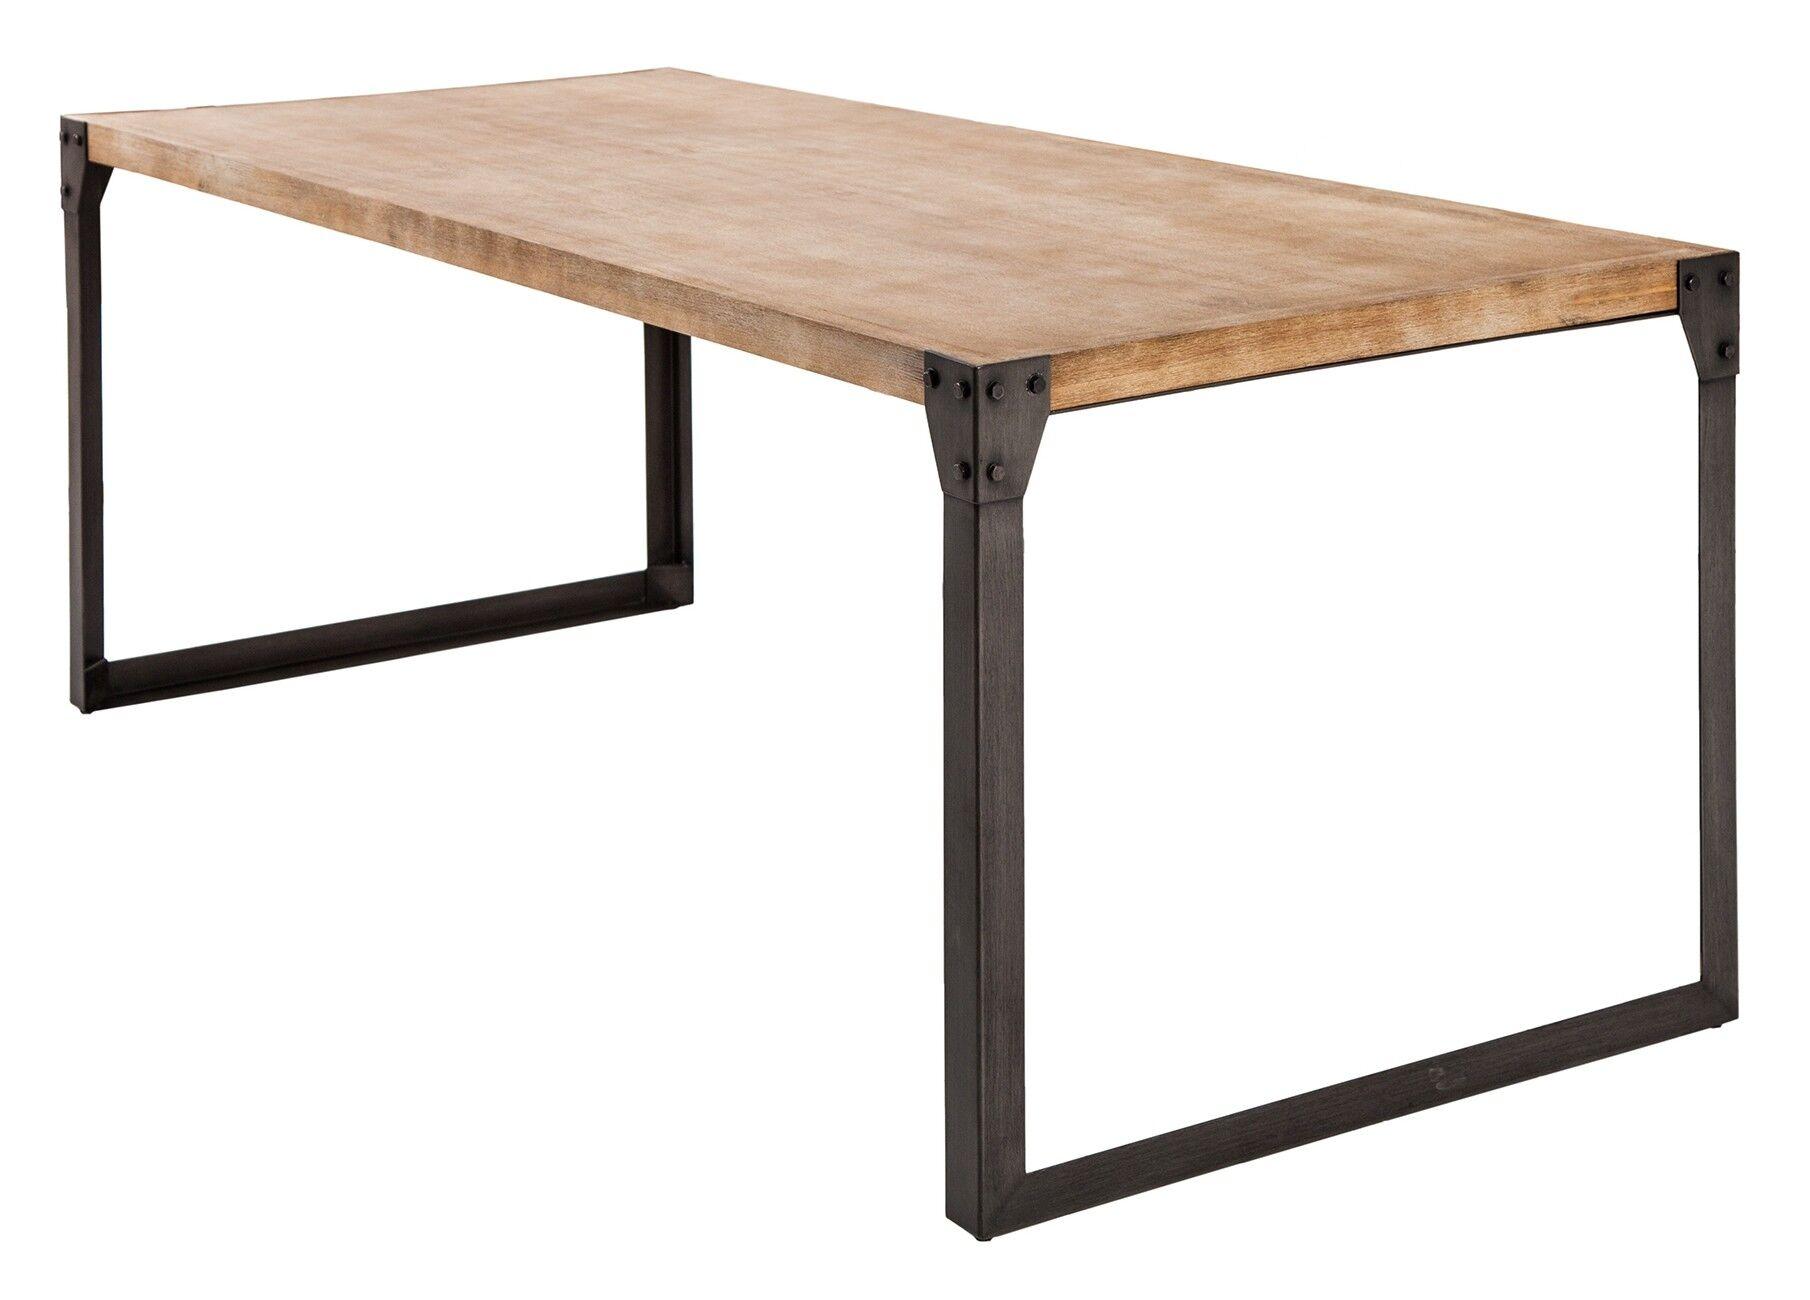 gdegdesign Table à manger industriel bois et métal 200 cm - Jorg